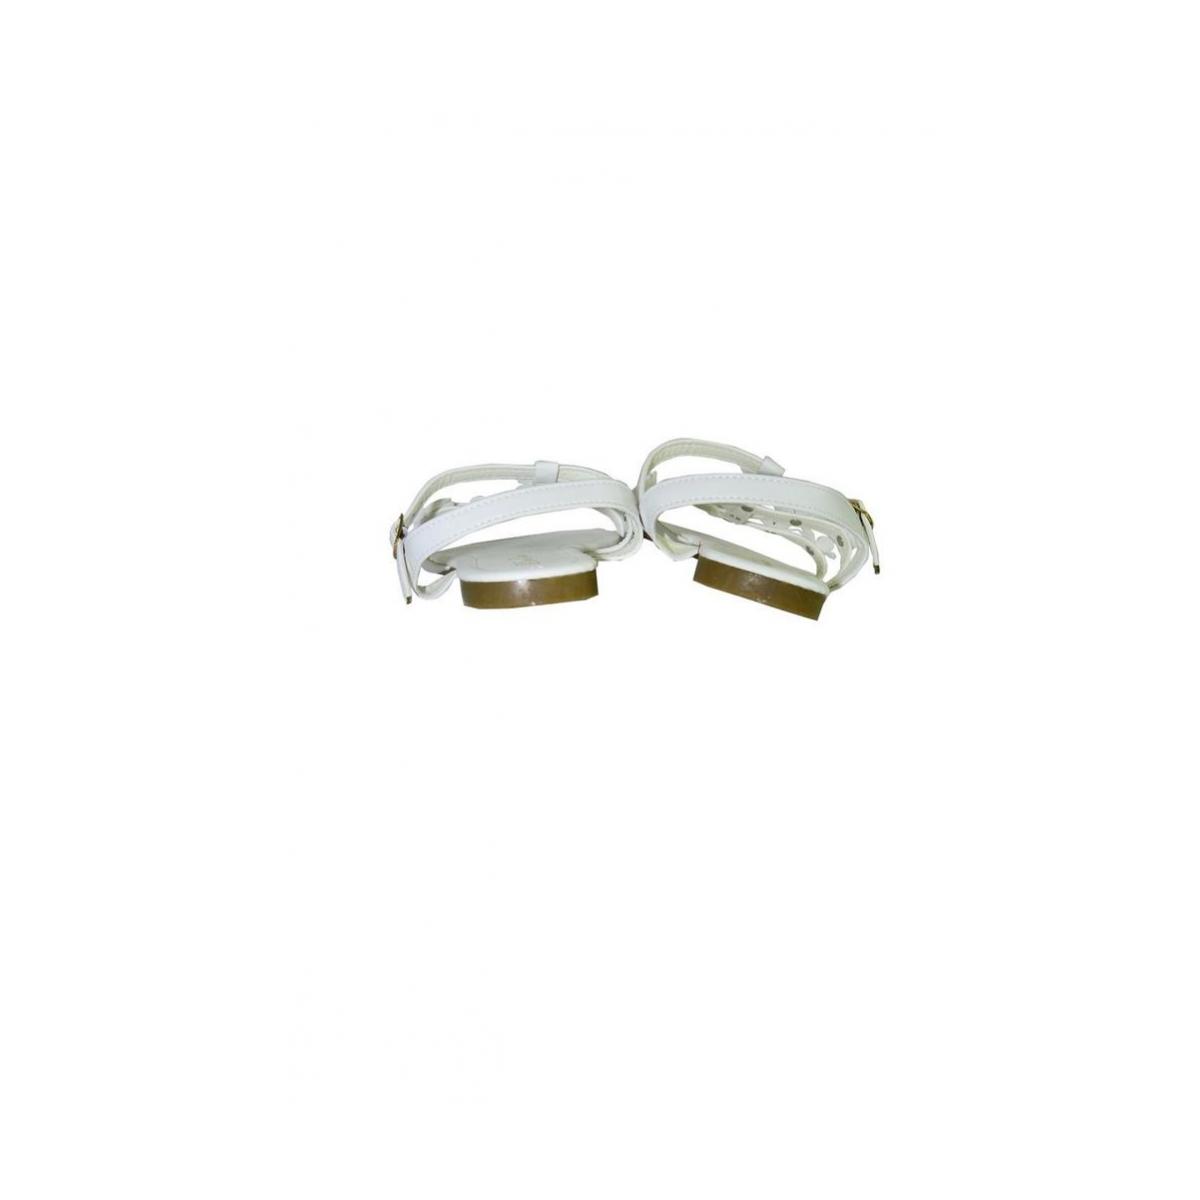 5b2ae9e2f8445 Biele kvietkované nízke sandále CARMEN | Johnc.sk